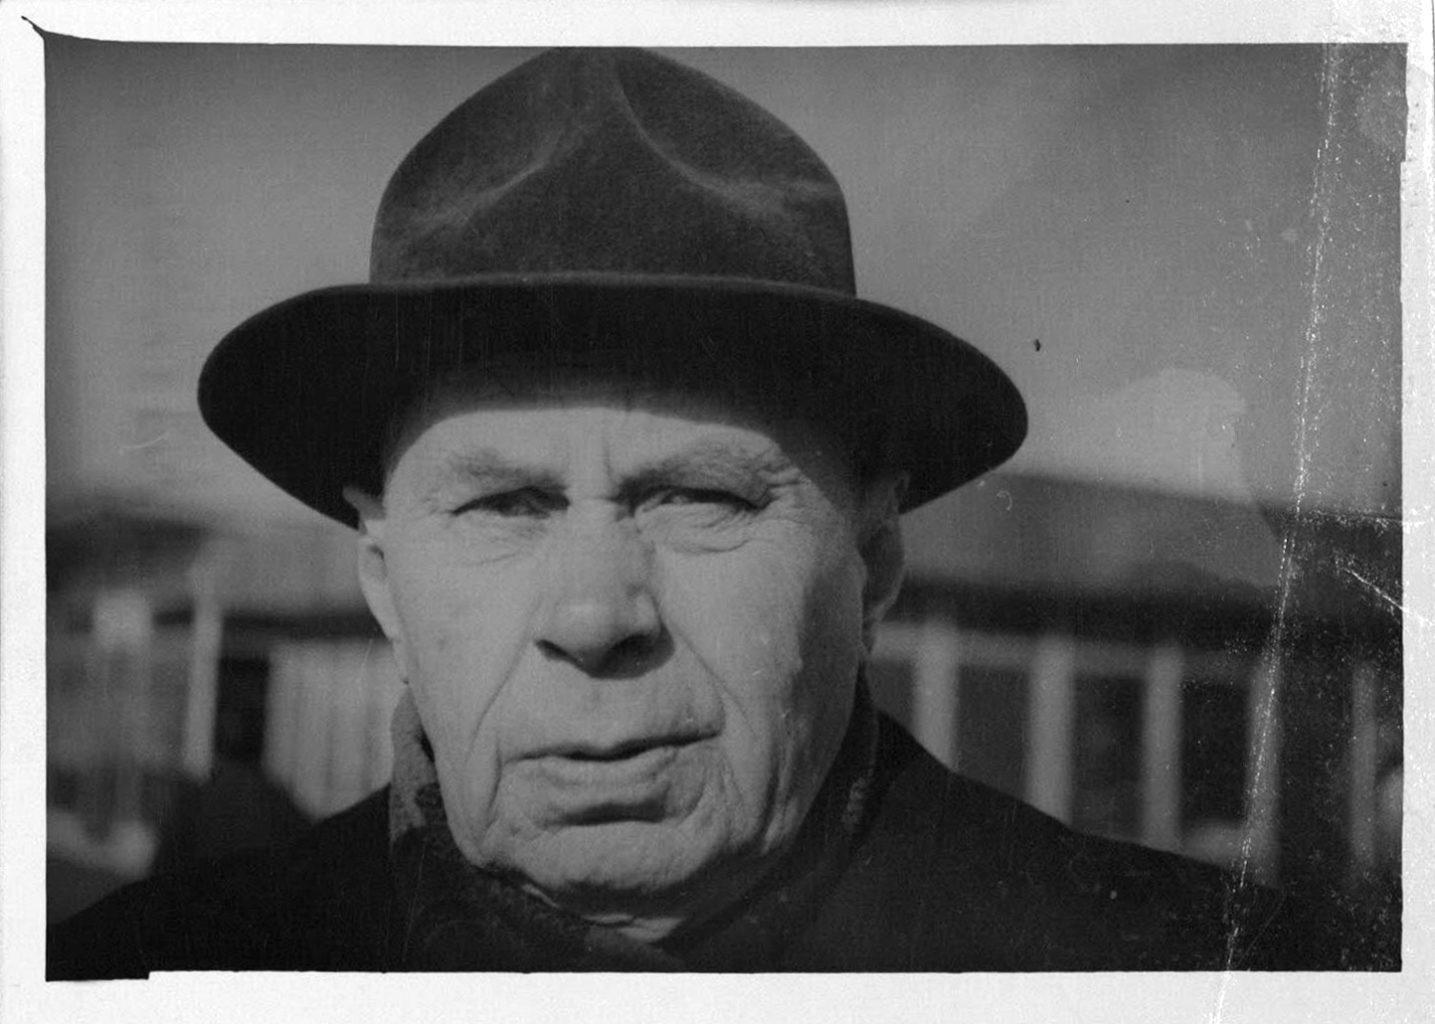 П. Князев. 1973 г.: фотография